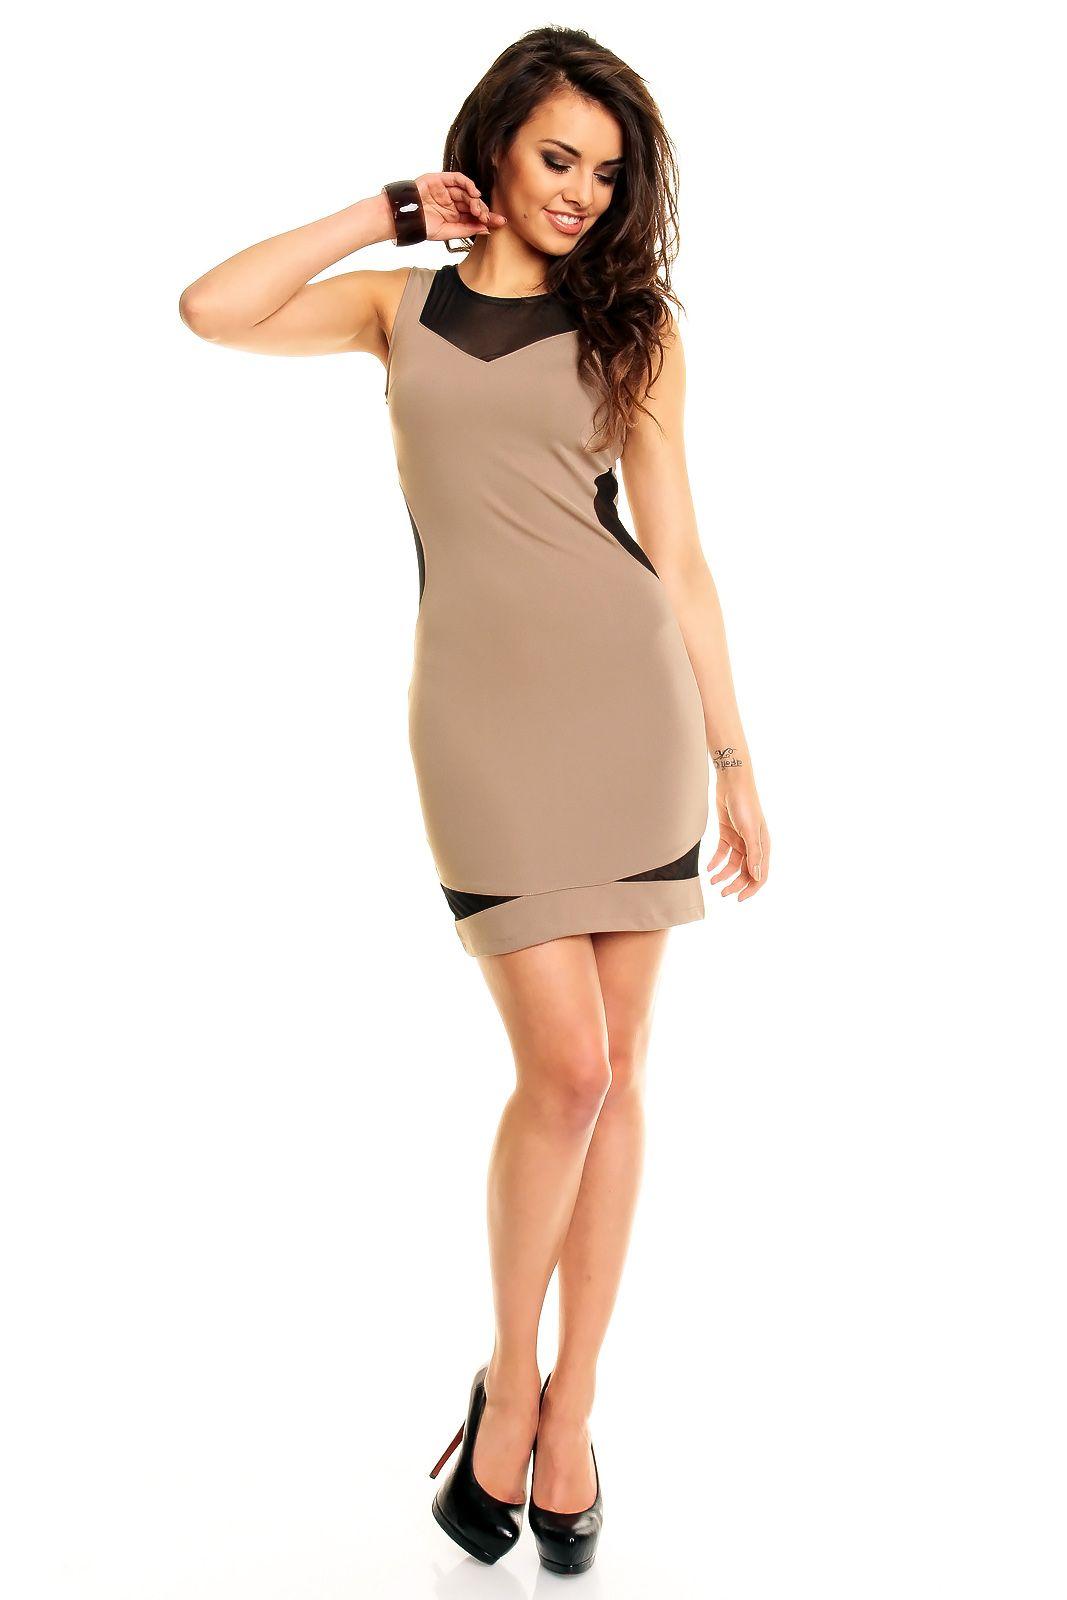 Neu im Kitten-Shop! Tolles braunes Kleid mit Netz-Optik ...